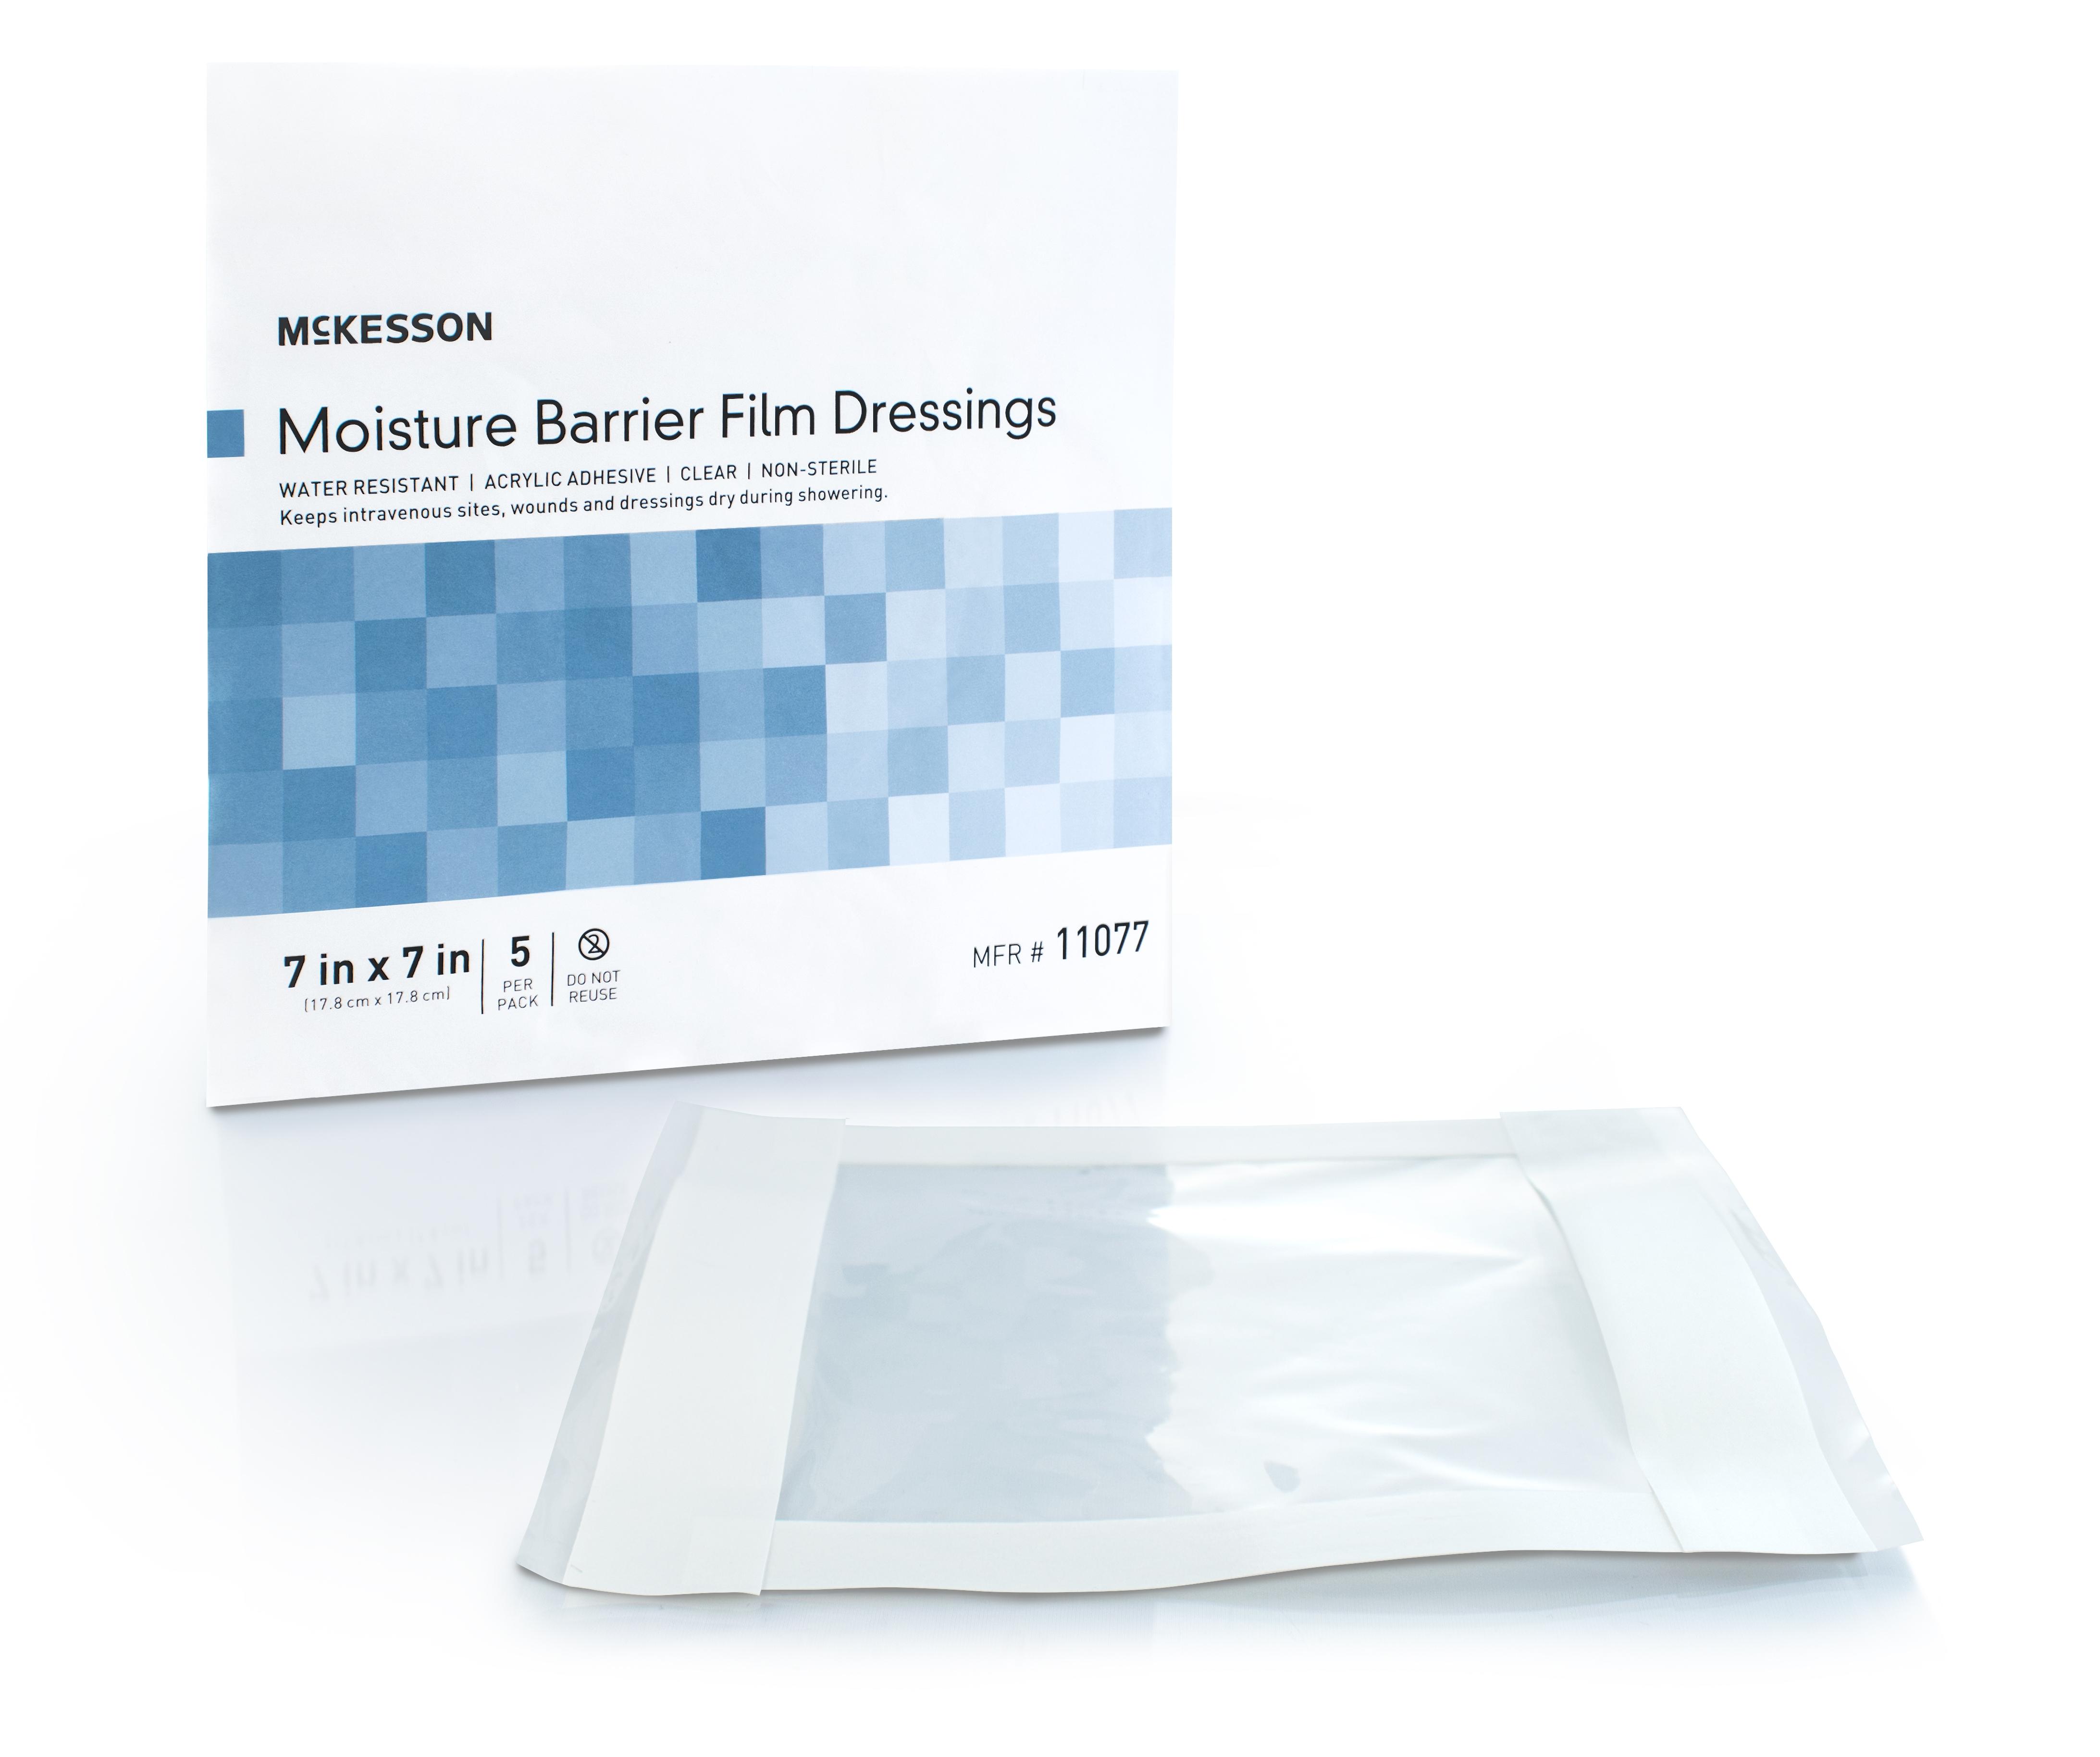 """McKesson Moisture Barrier Film Dressings, 11077, DRESSING, MOISTURE BARRIER 7""""X7"""" (5/PK 80PK/CS)"""